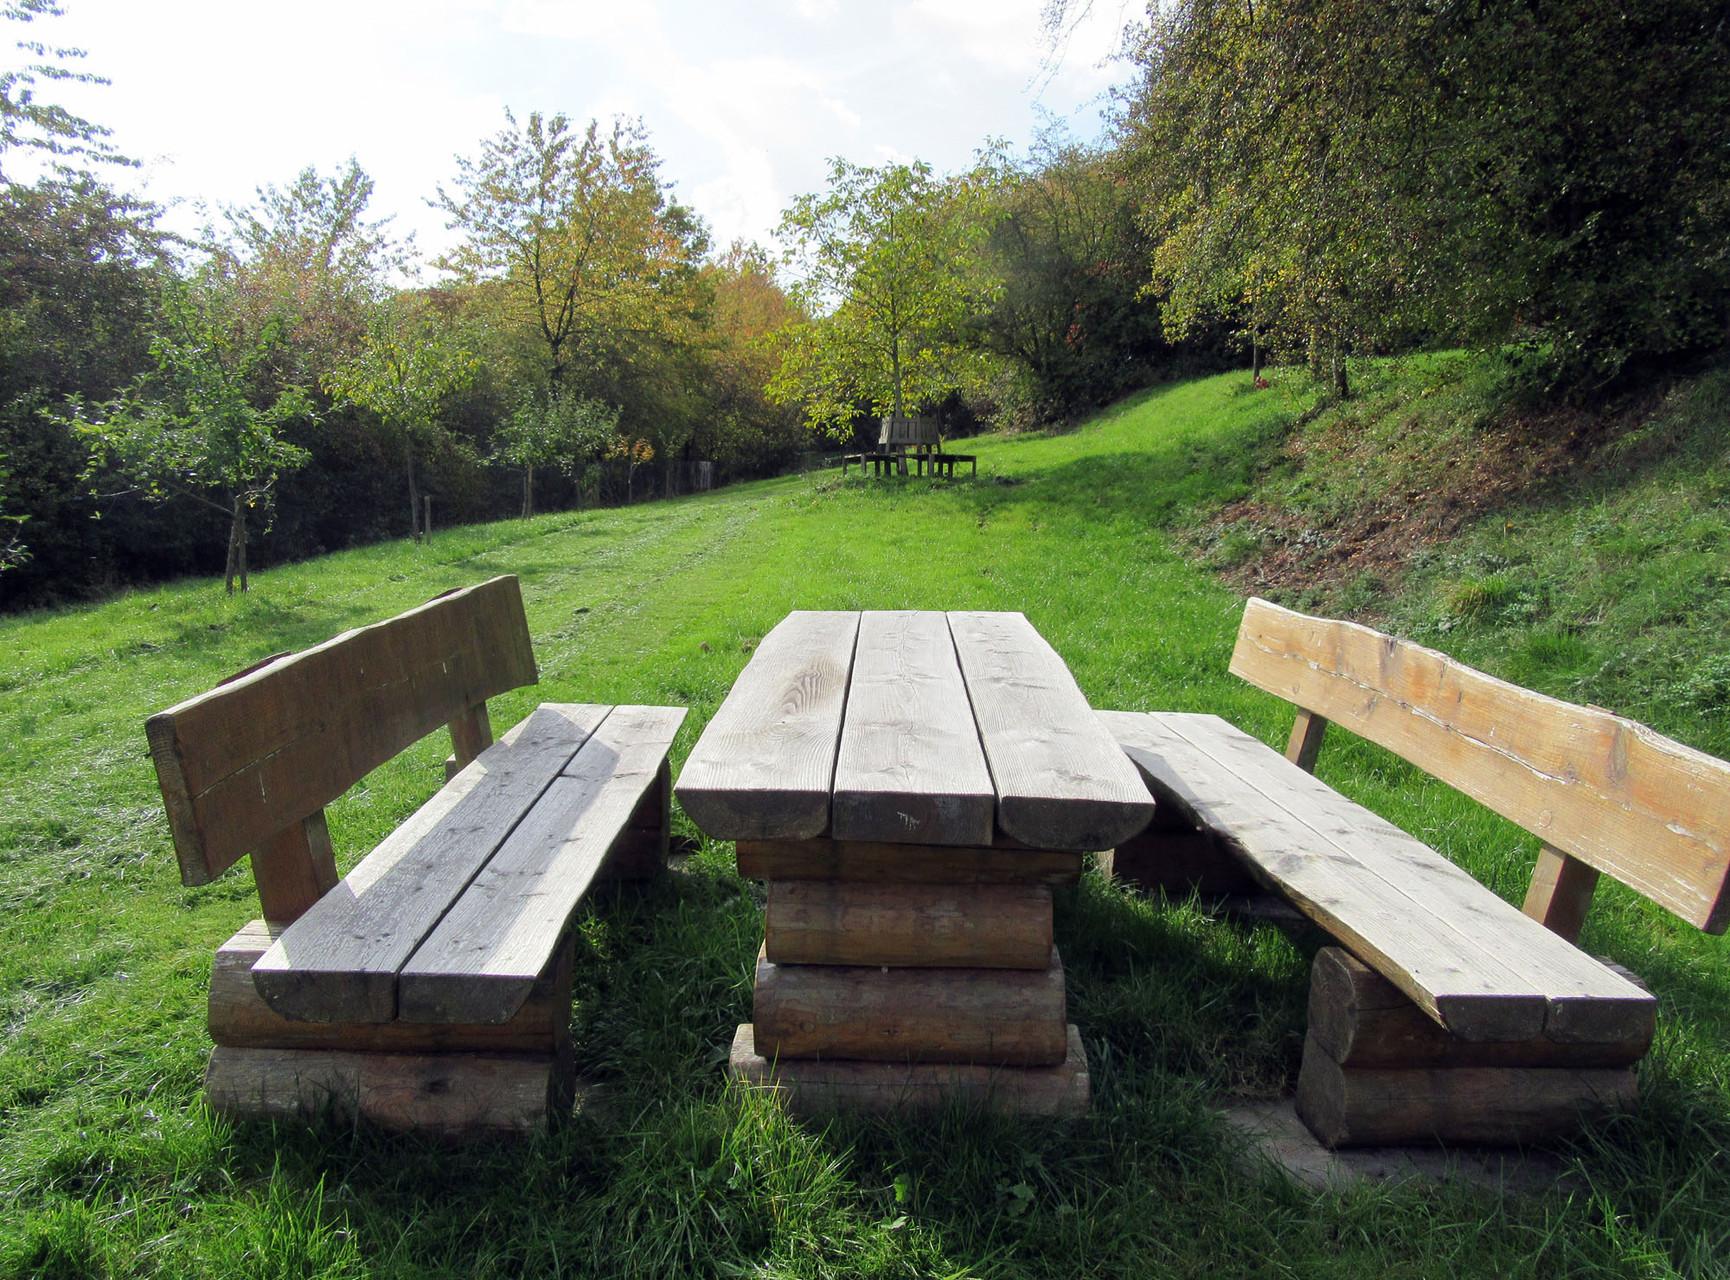 Platz für ein Picknick im Grünen – direkt im Garten